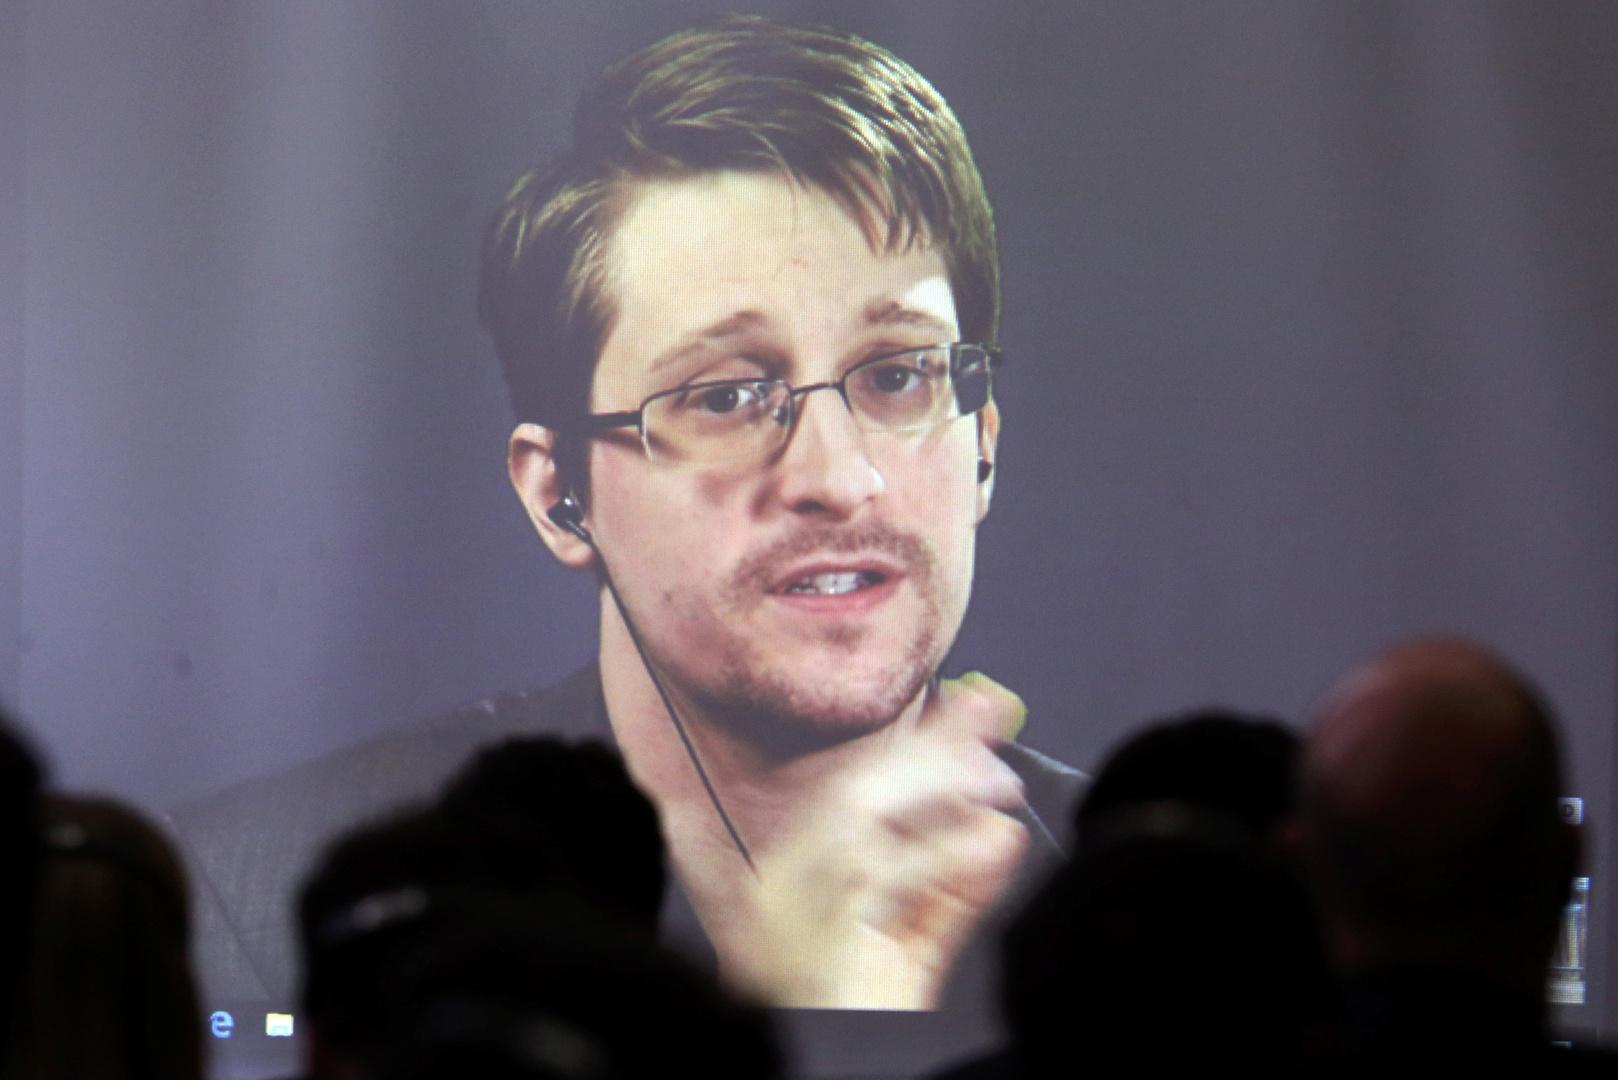 الموظف السابق في الاستخبارات الأمريكية إدوارد سنودن